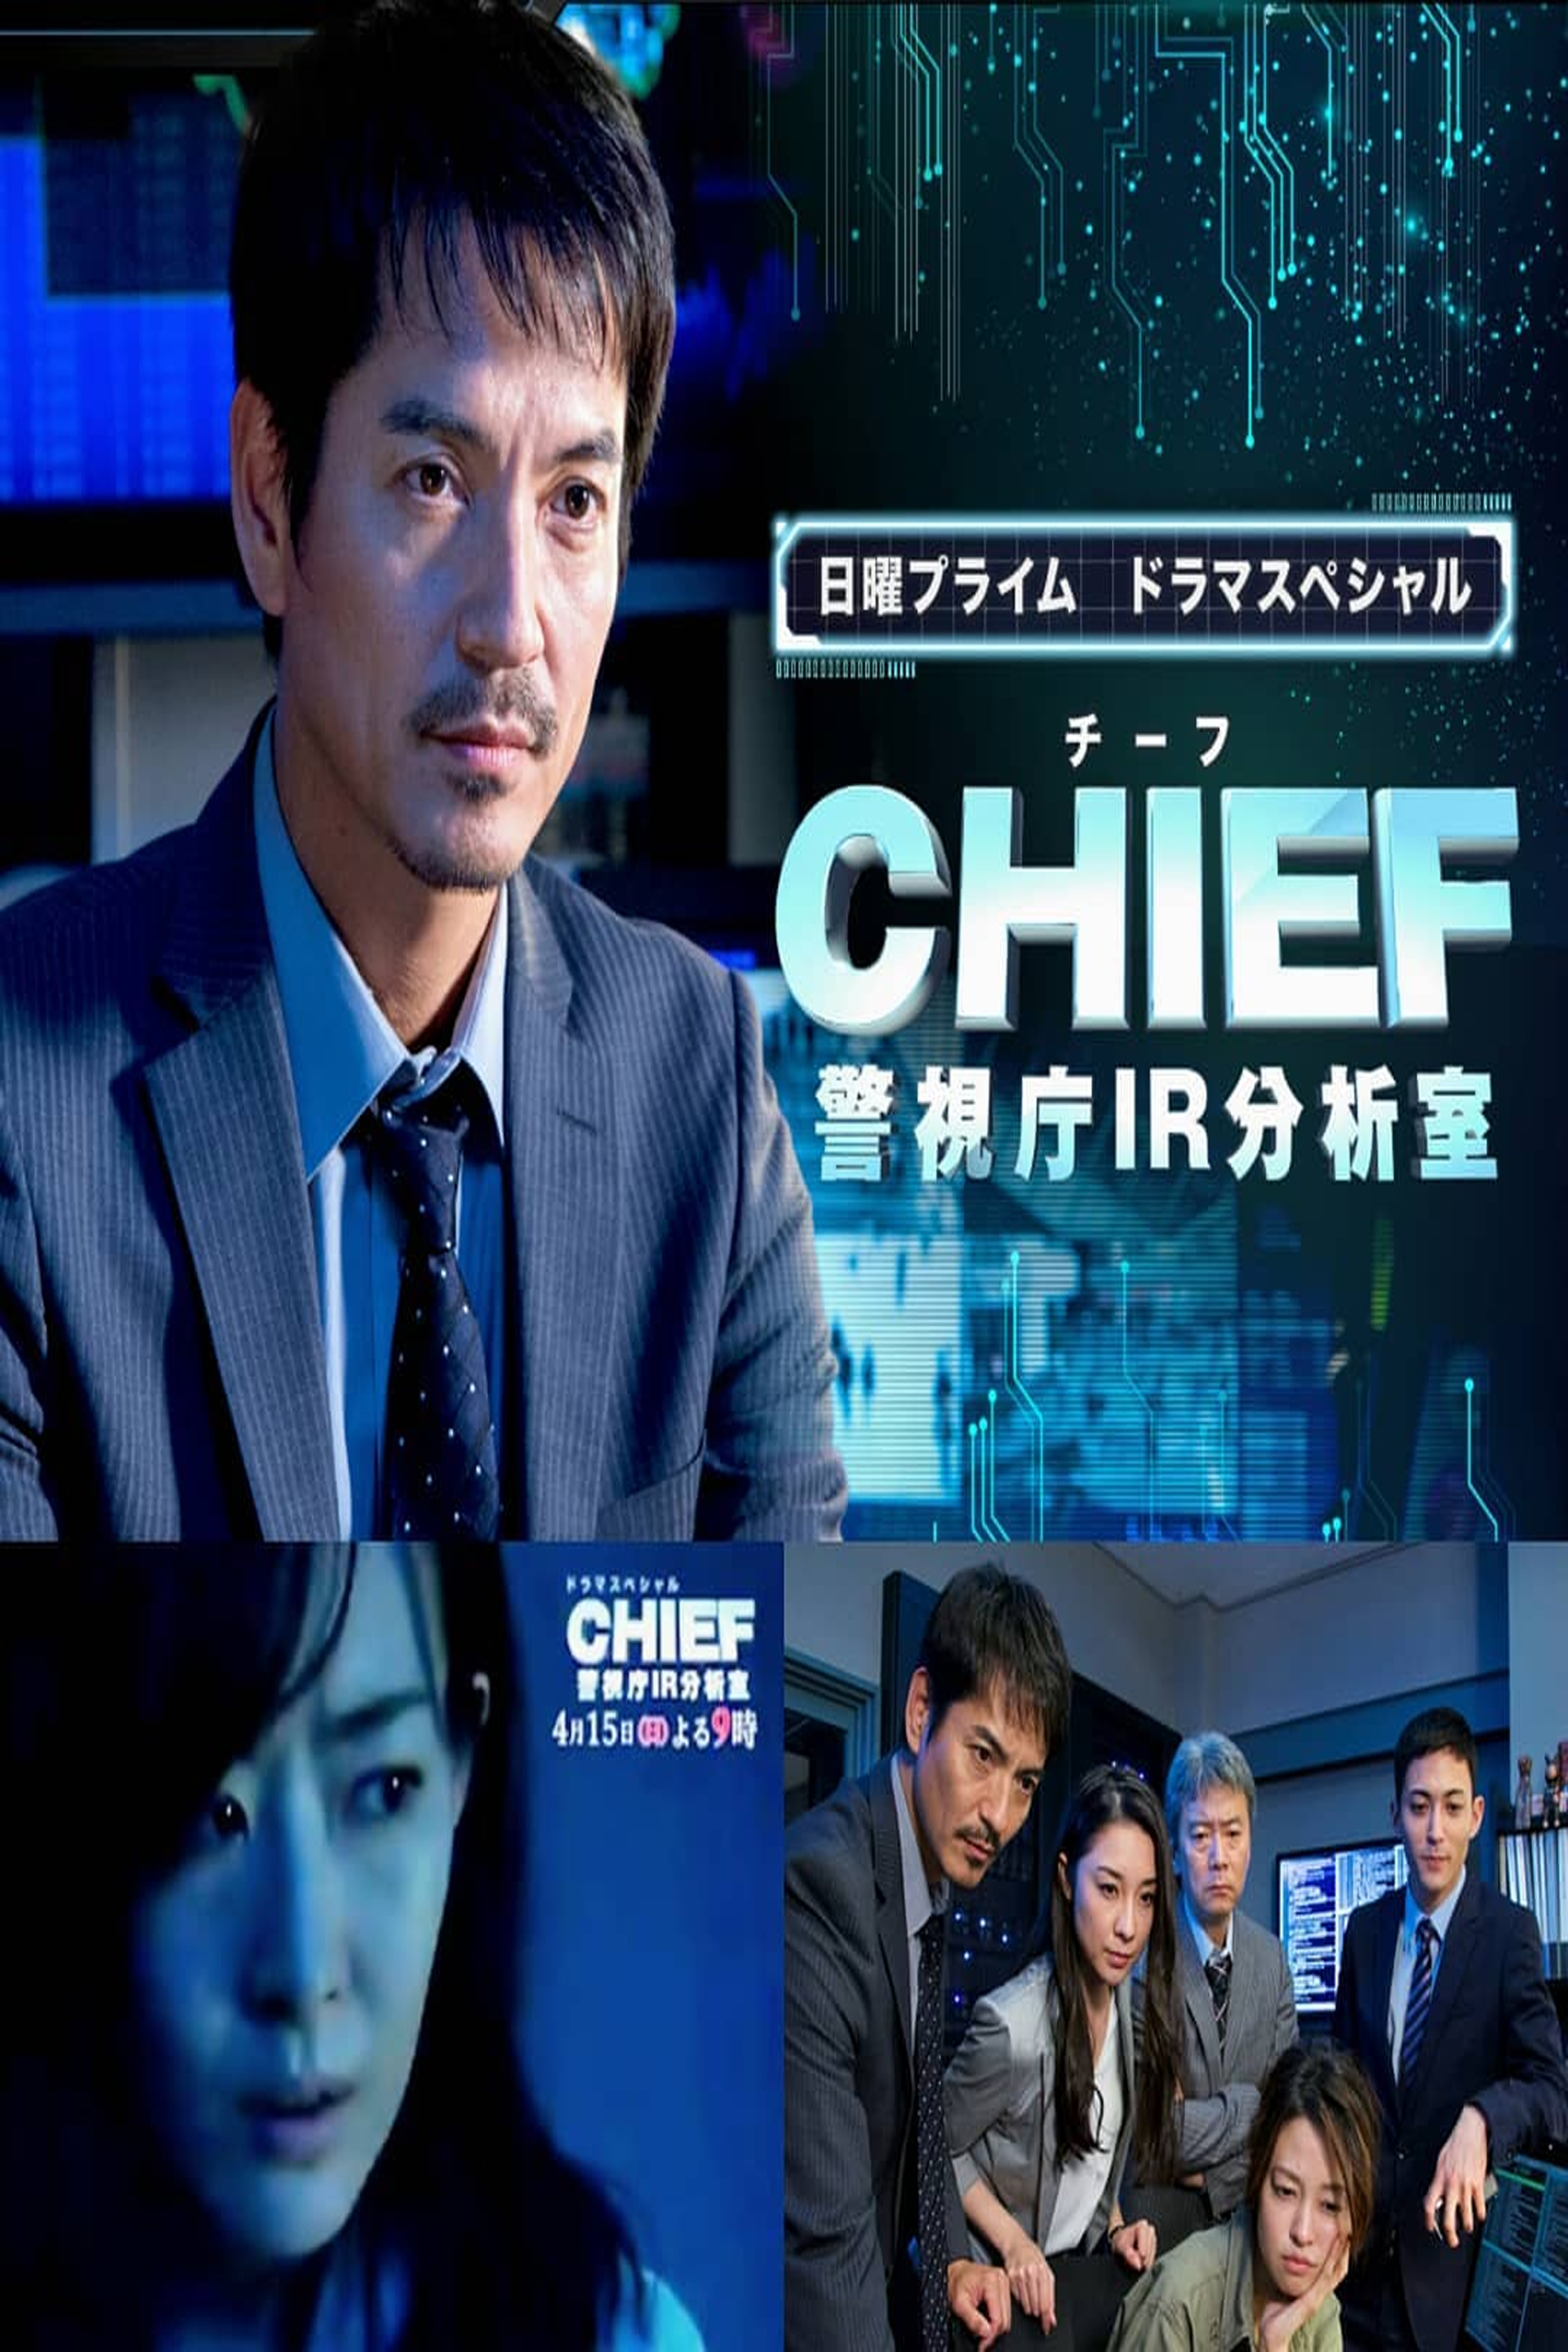 CHIEF - CHIEF~警視廳IR分析室~